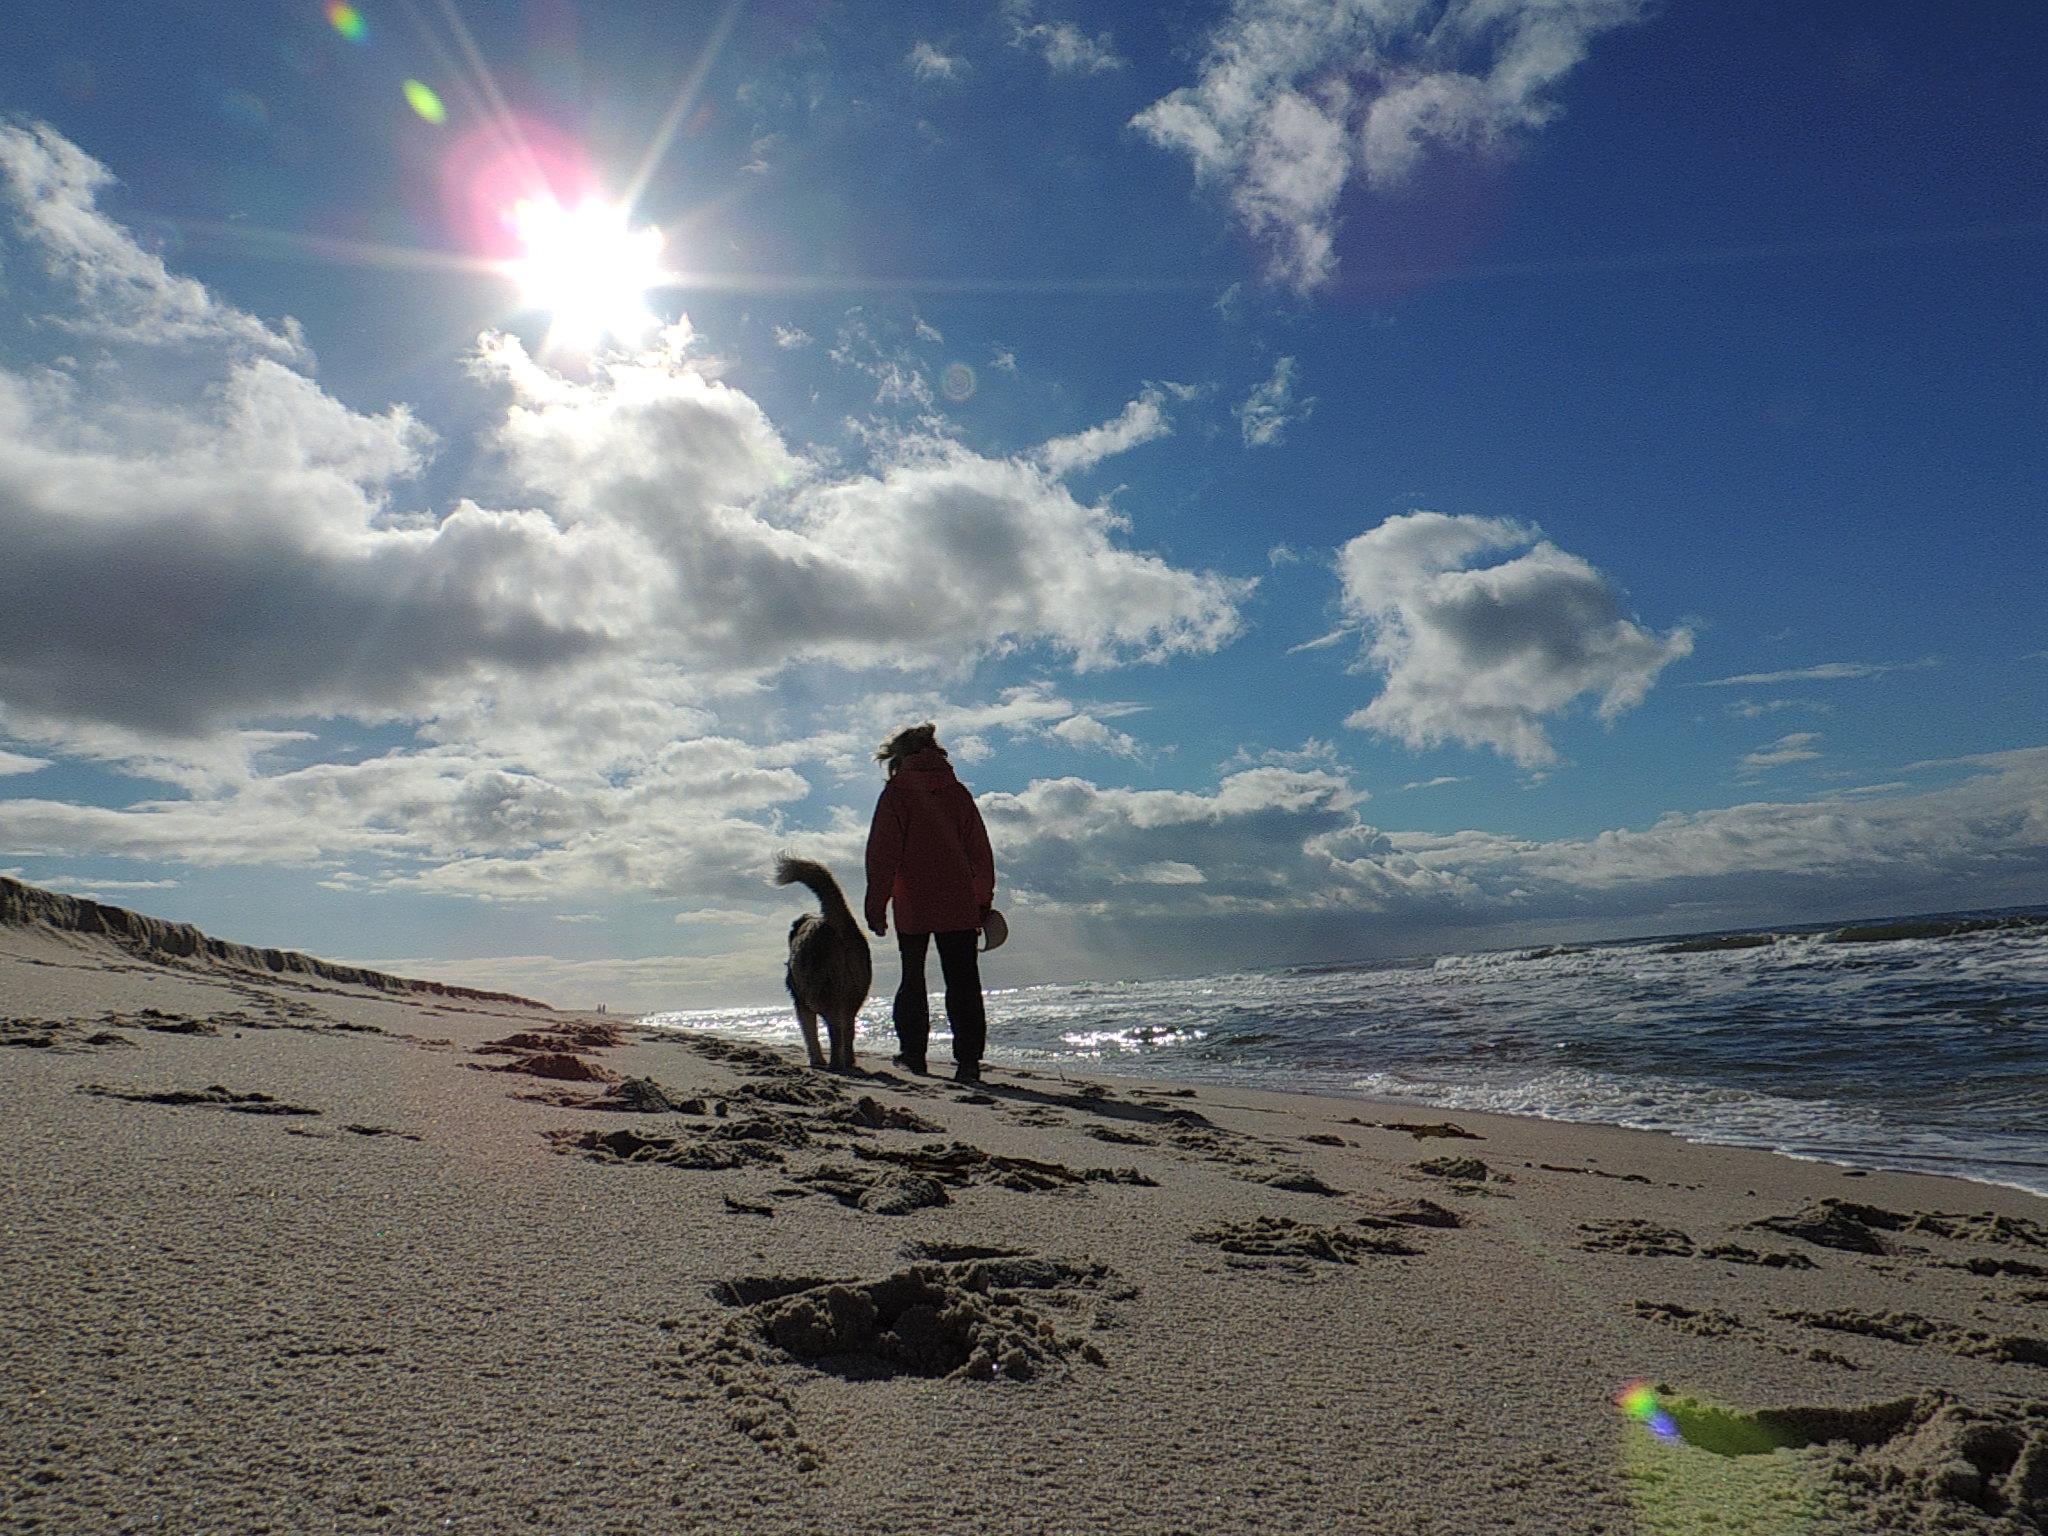 © Hans G. Lehmann | Strandspaziergang mit Hund,  List auf der Insel Sylt